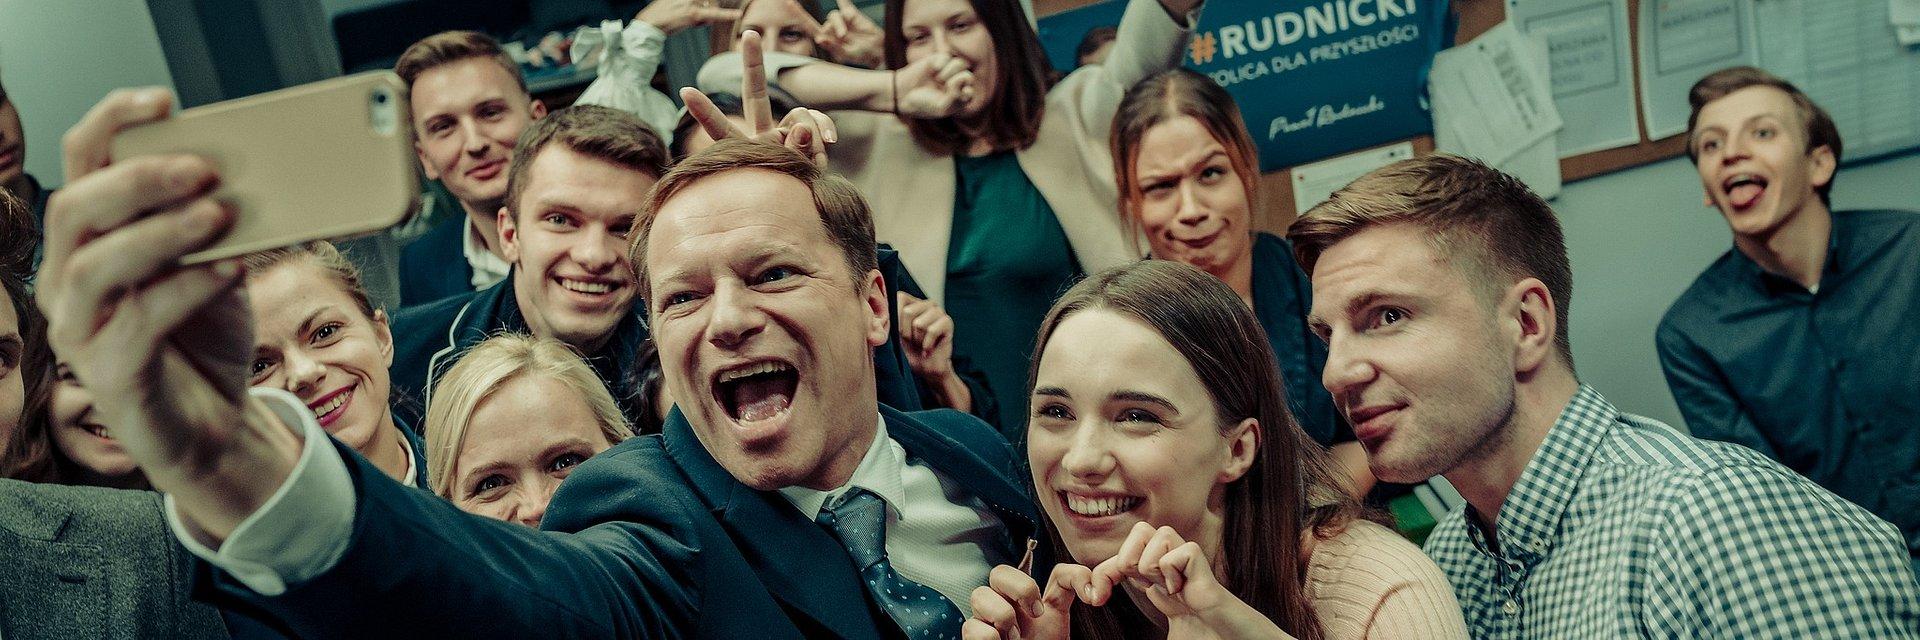 Cudze chwalicie, swego nie znacie: najlepsze polskie kino we wrześniu w CANAL+ telewizja przez internet